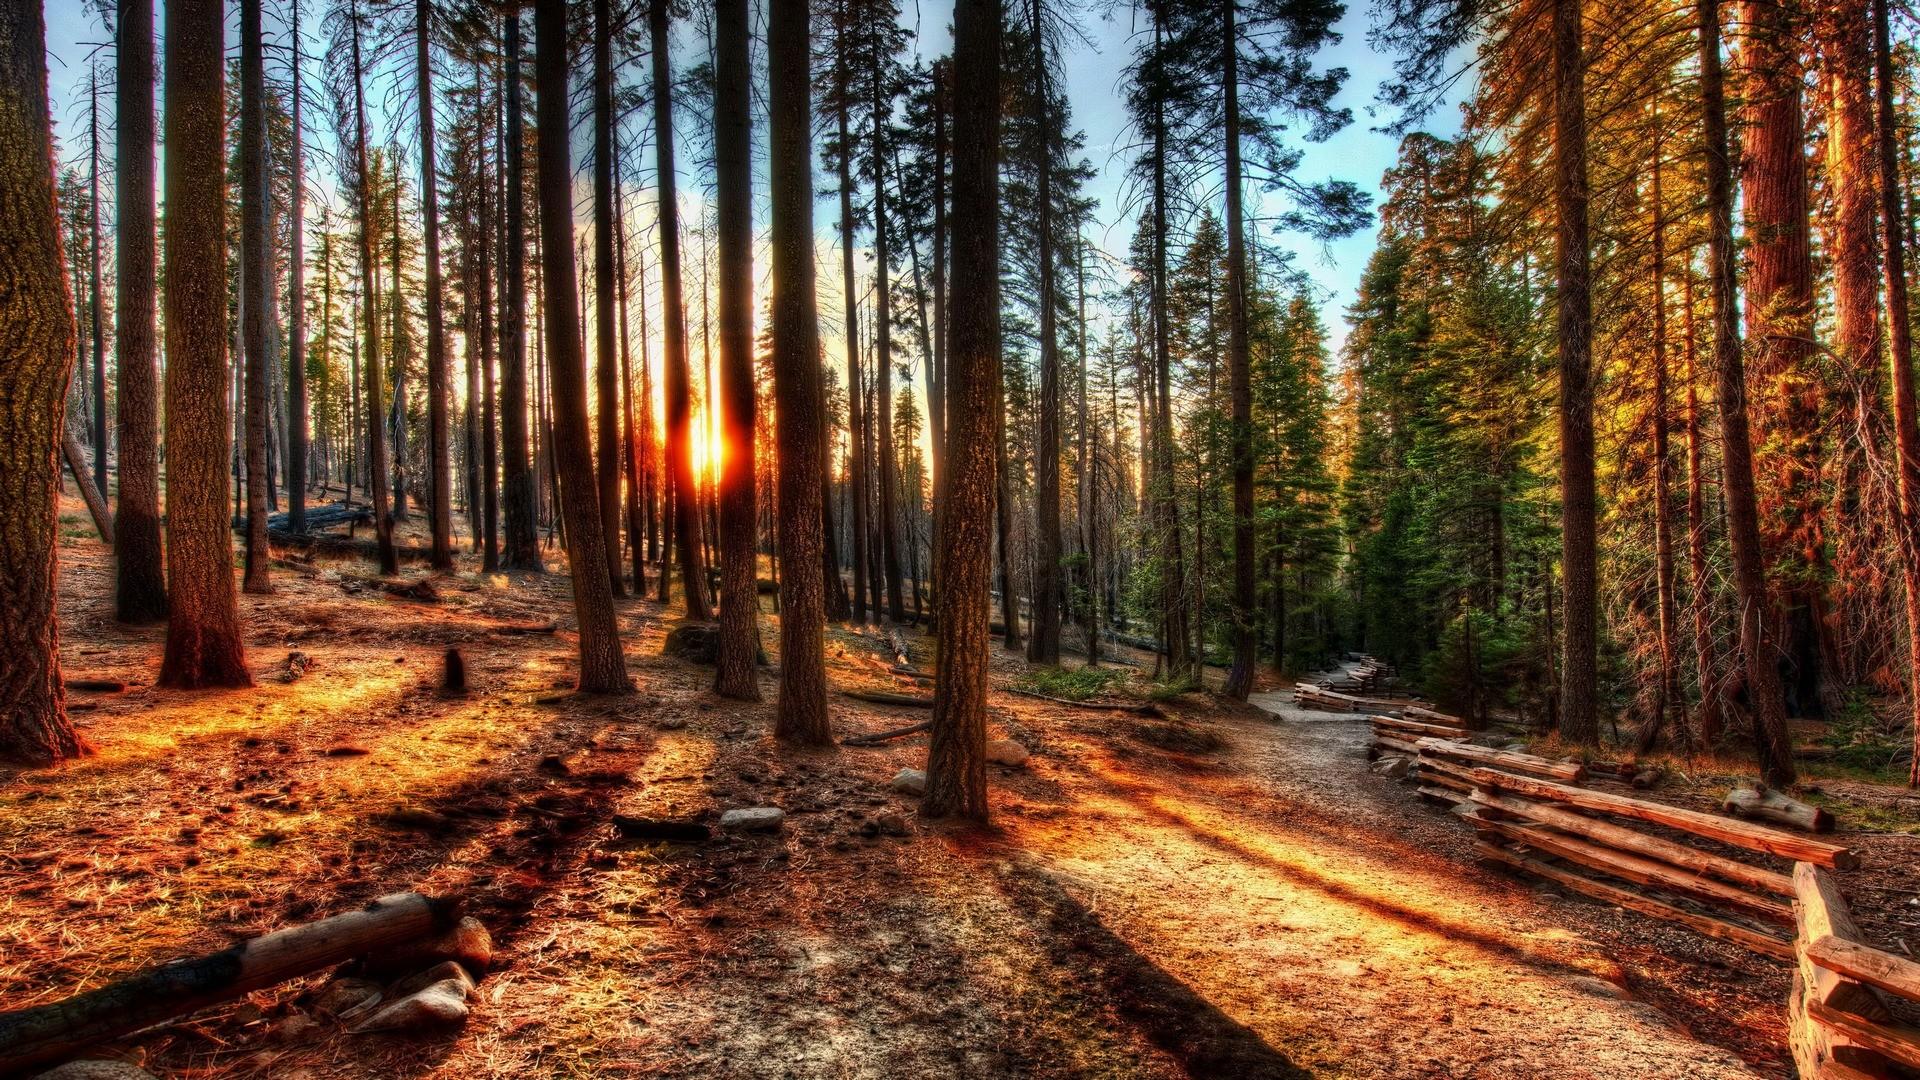 Fantastic HDR Forest Wallpaper